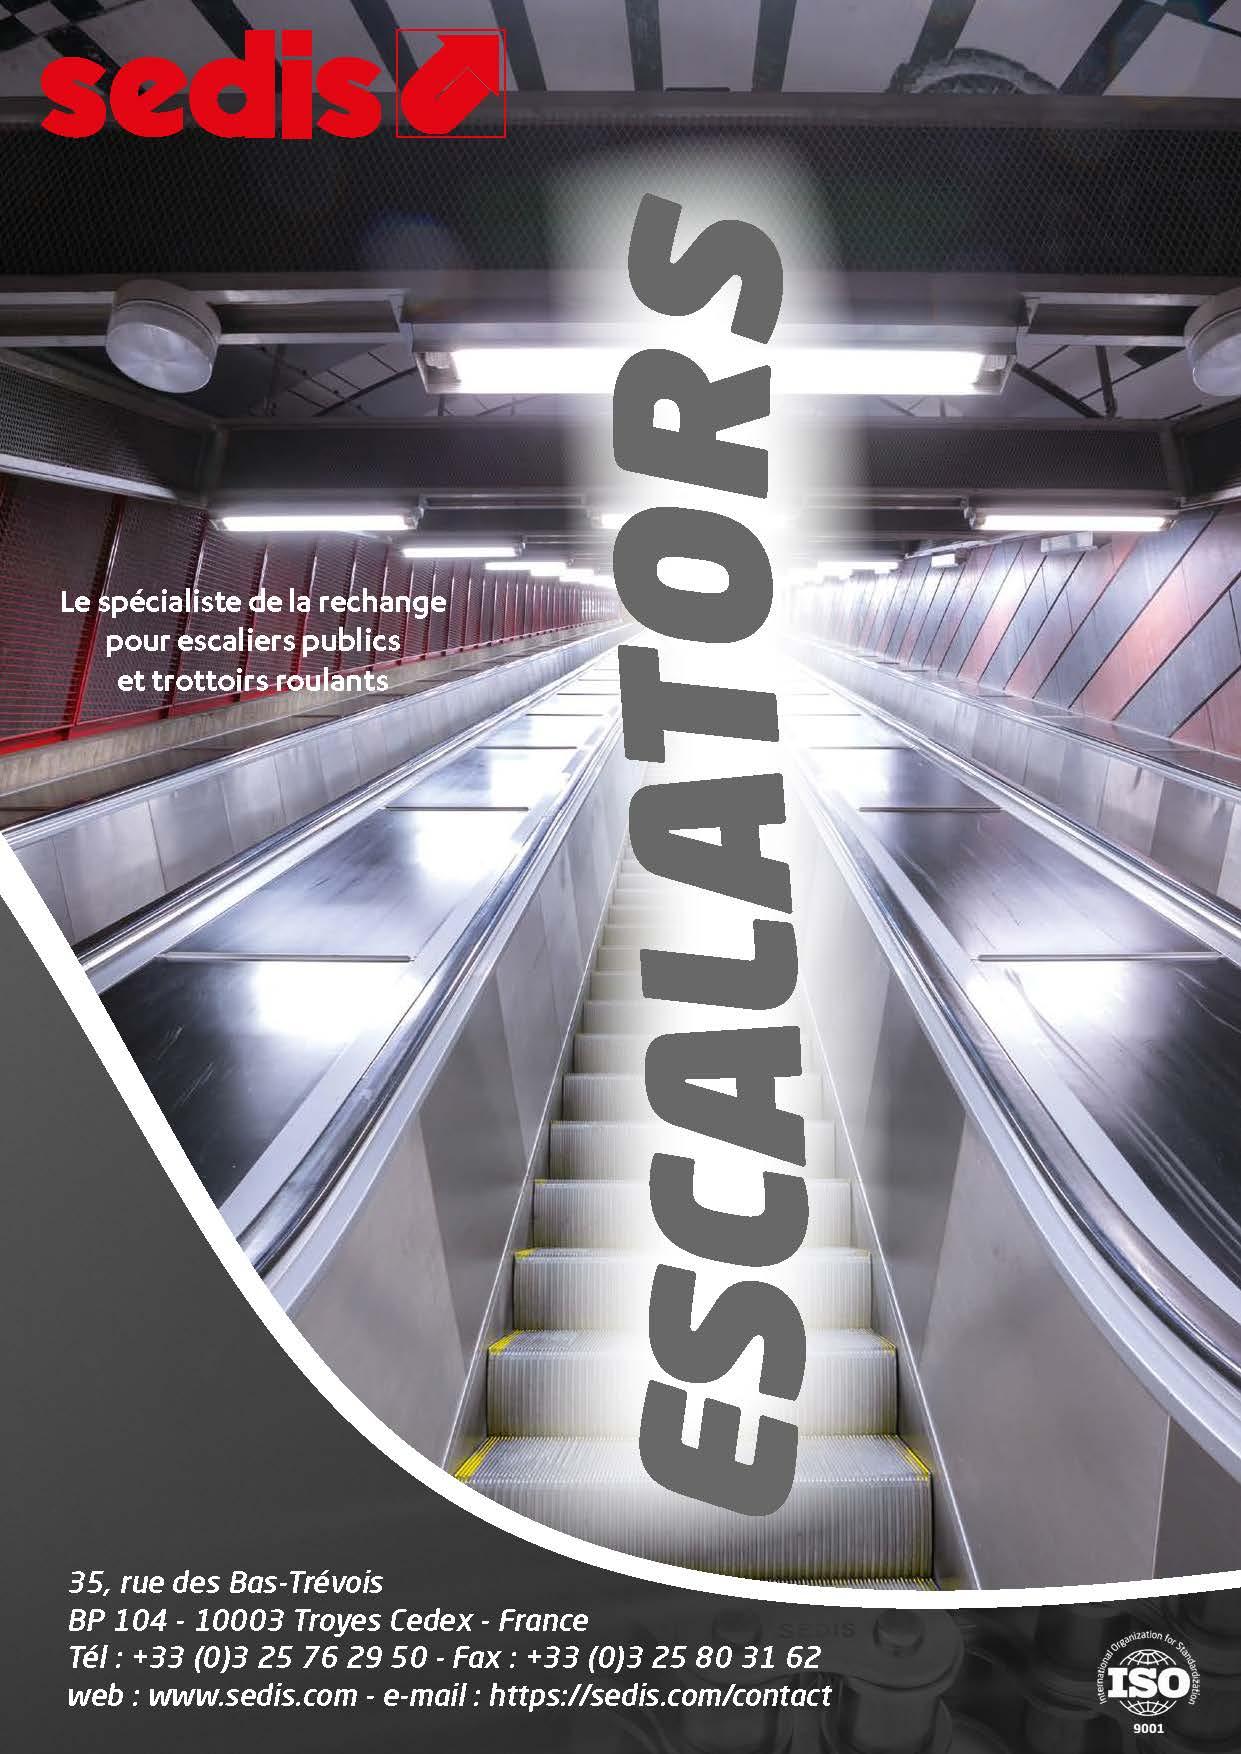 sedis brochure metier escalator